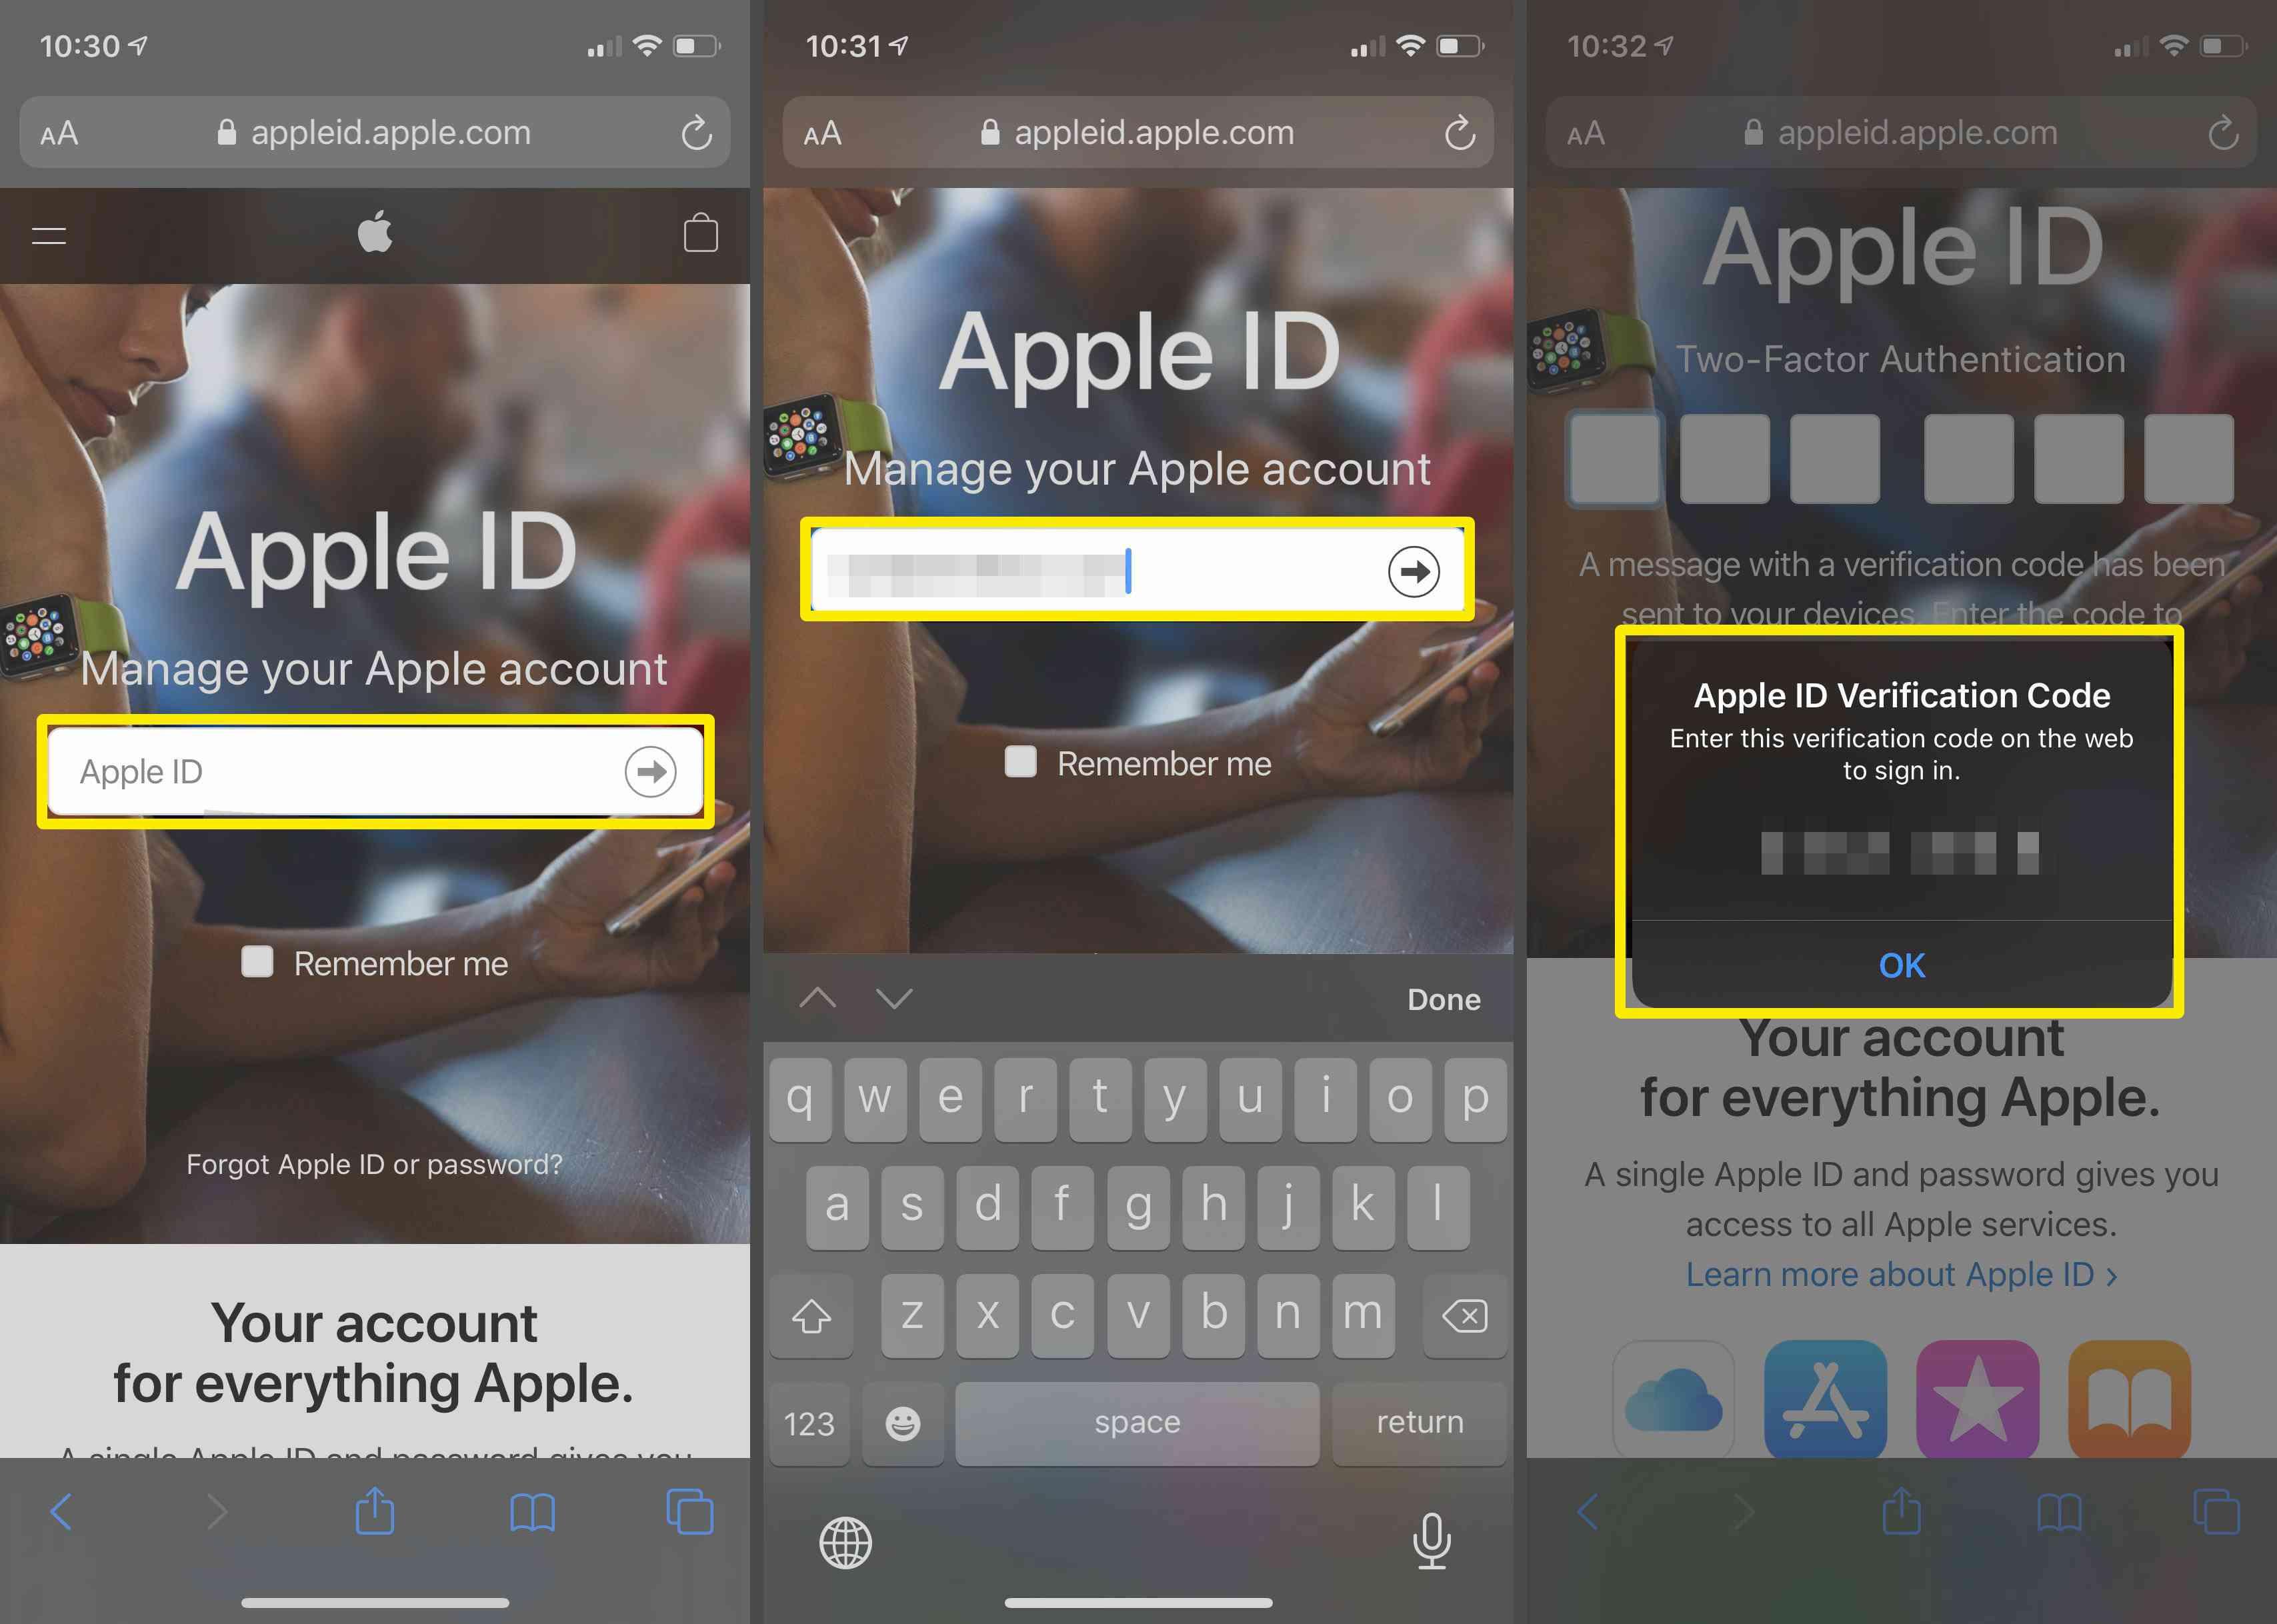 Obtaining an Apple ID verification code.